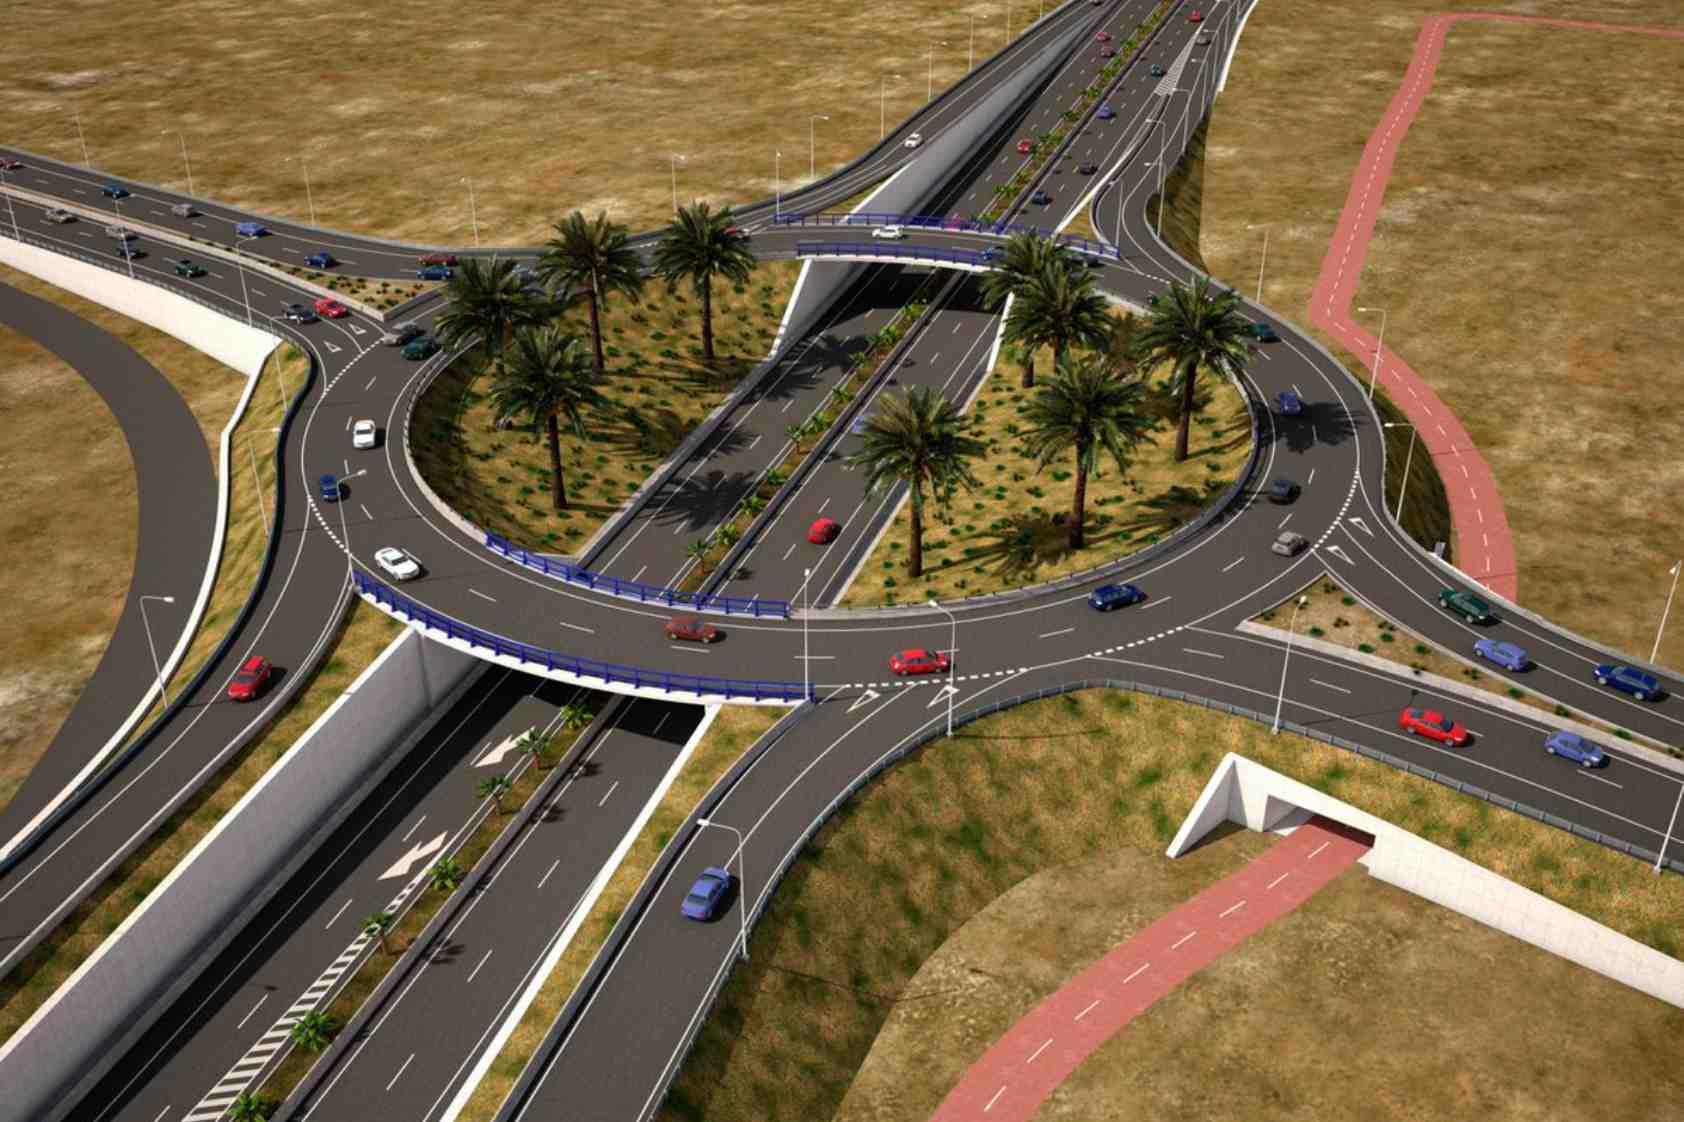 La infraestructura necesitará de ingenieros civiles expertos en metodología BIM